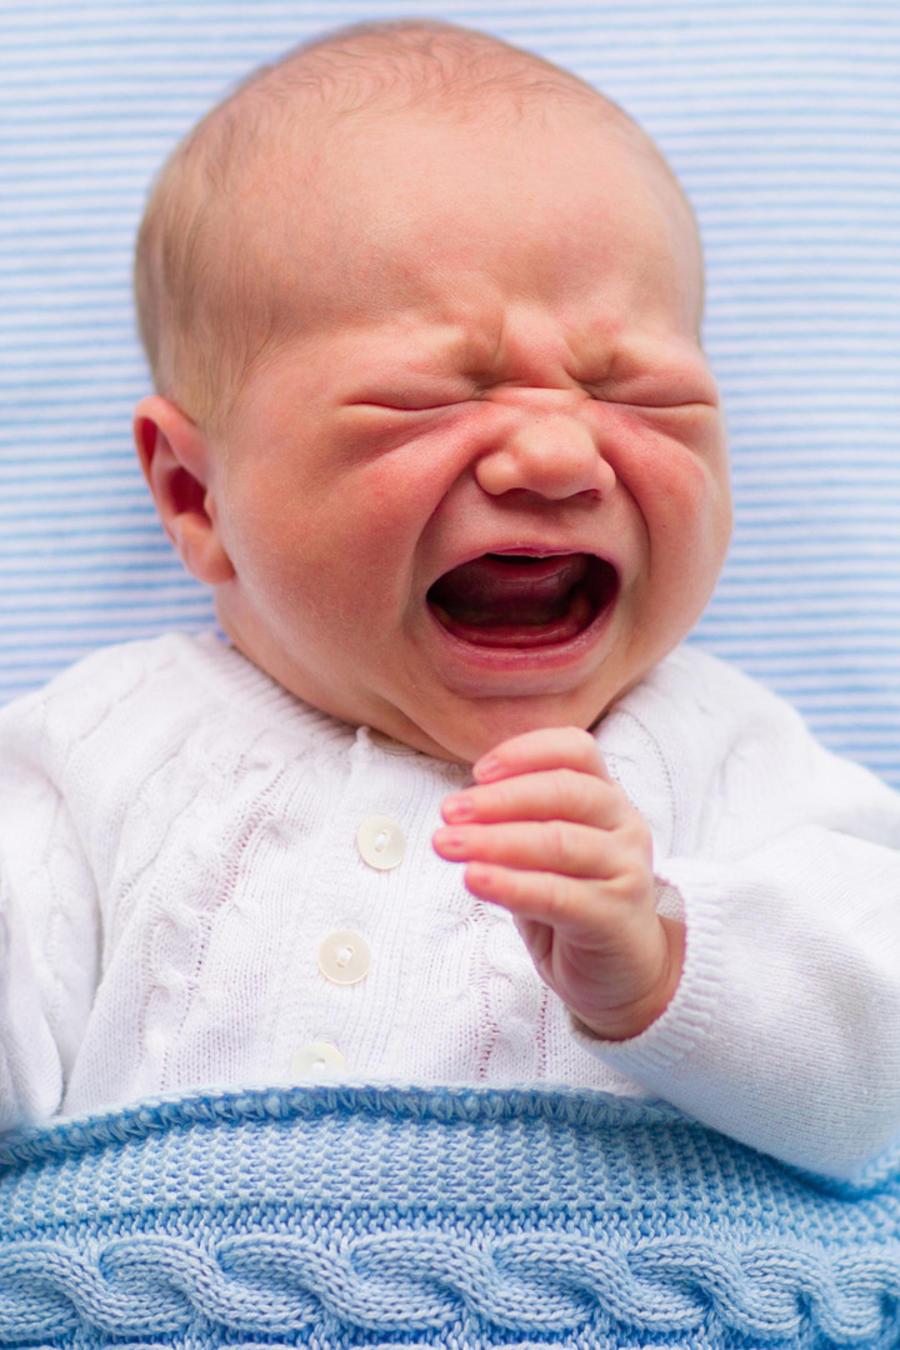 Bebé con mantita llorando